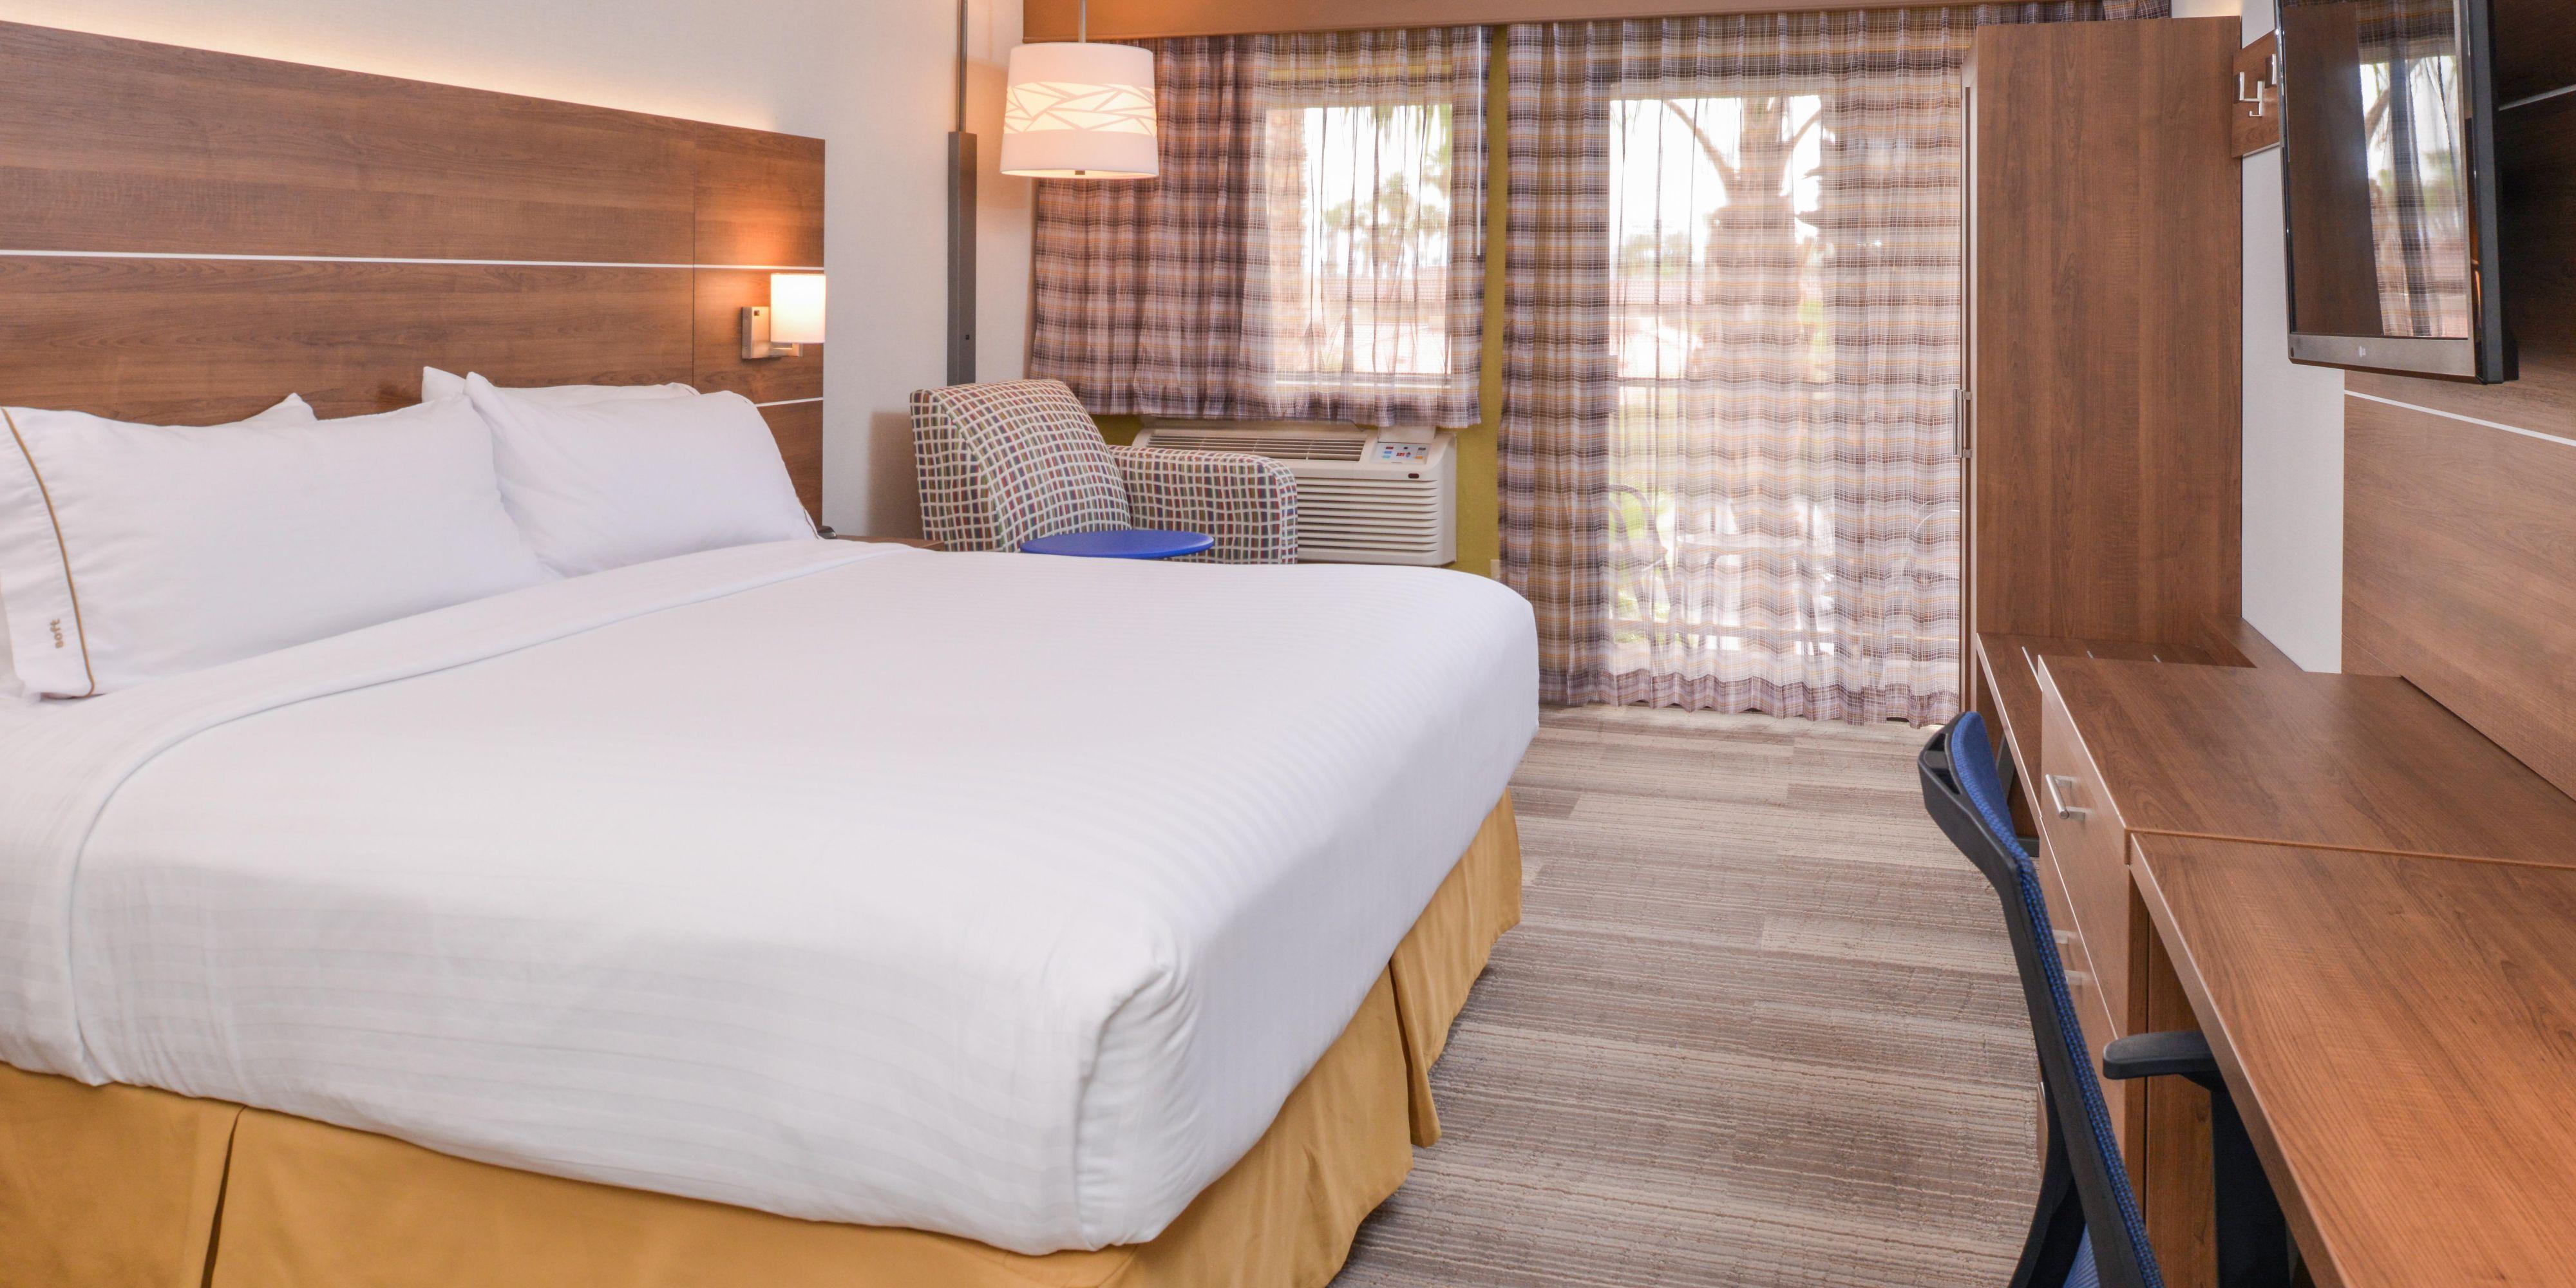 Holiday Inn Express Palm Desert 5073950686 2x1